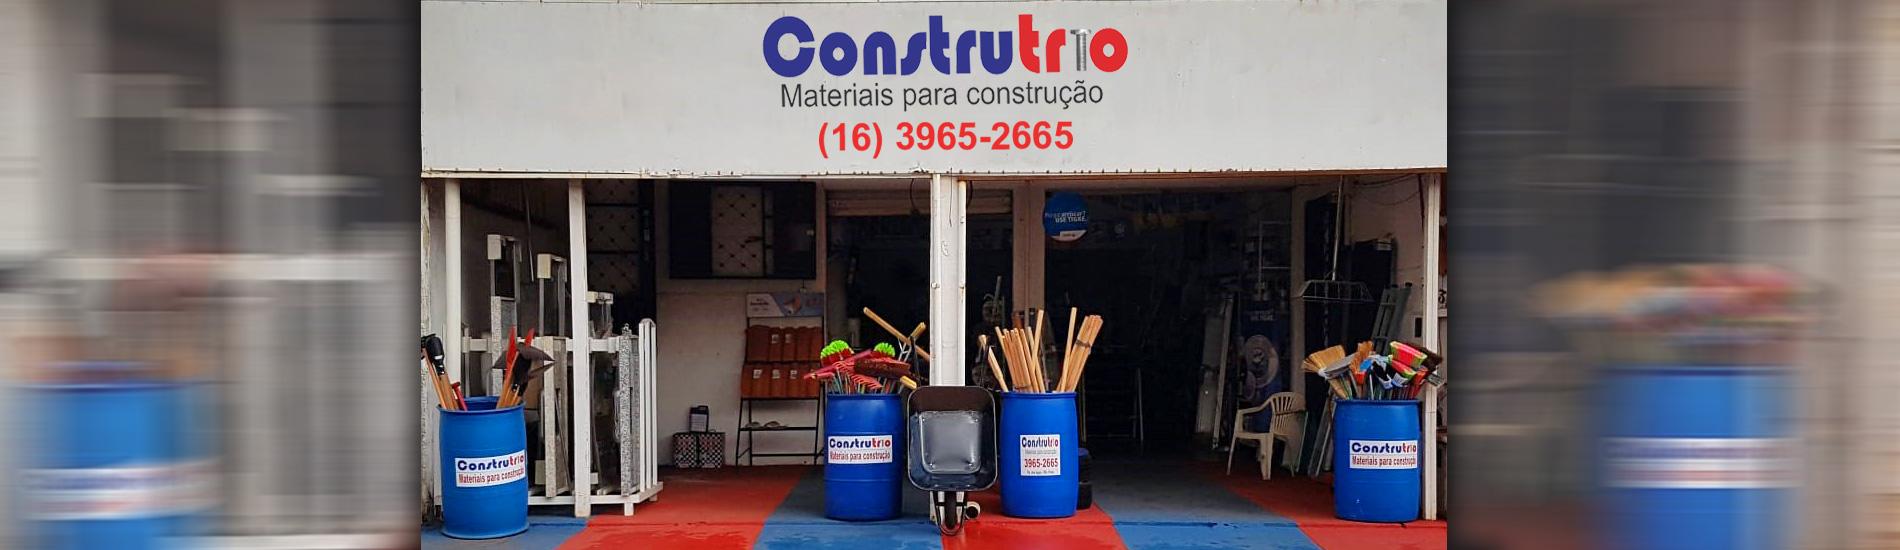 Banner-home-construtrio-fachada-loja-01